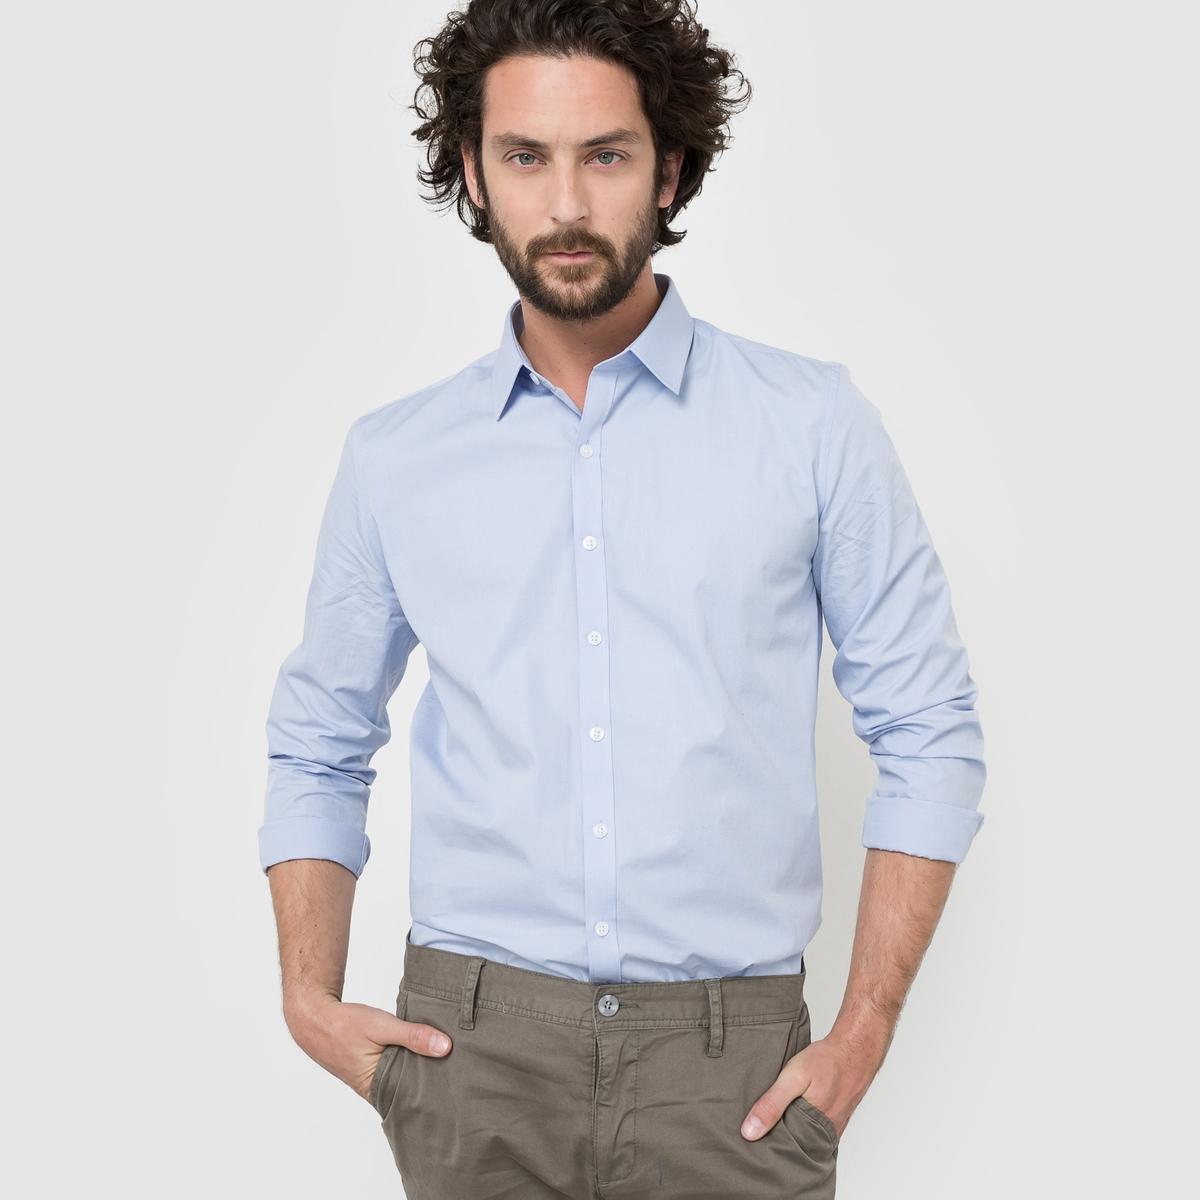 Рубашка однотонная прямого покрояРубашка прямого покроя с длинными рукавами. Длина 77 см.   Легкая глажка.Низ рукавов с застежкой на пуговицы. 55% хлопка, 45% полиэстера.<br><br>Цвет: небесно-голубой,темно-синий,черный<br>Размер: 41/42.35/36.41/42.43/44.35/36